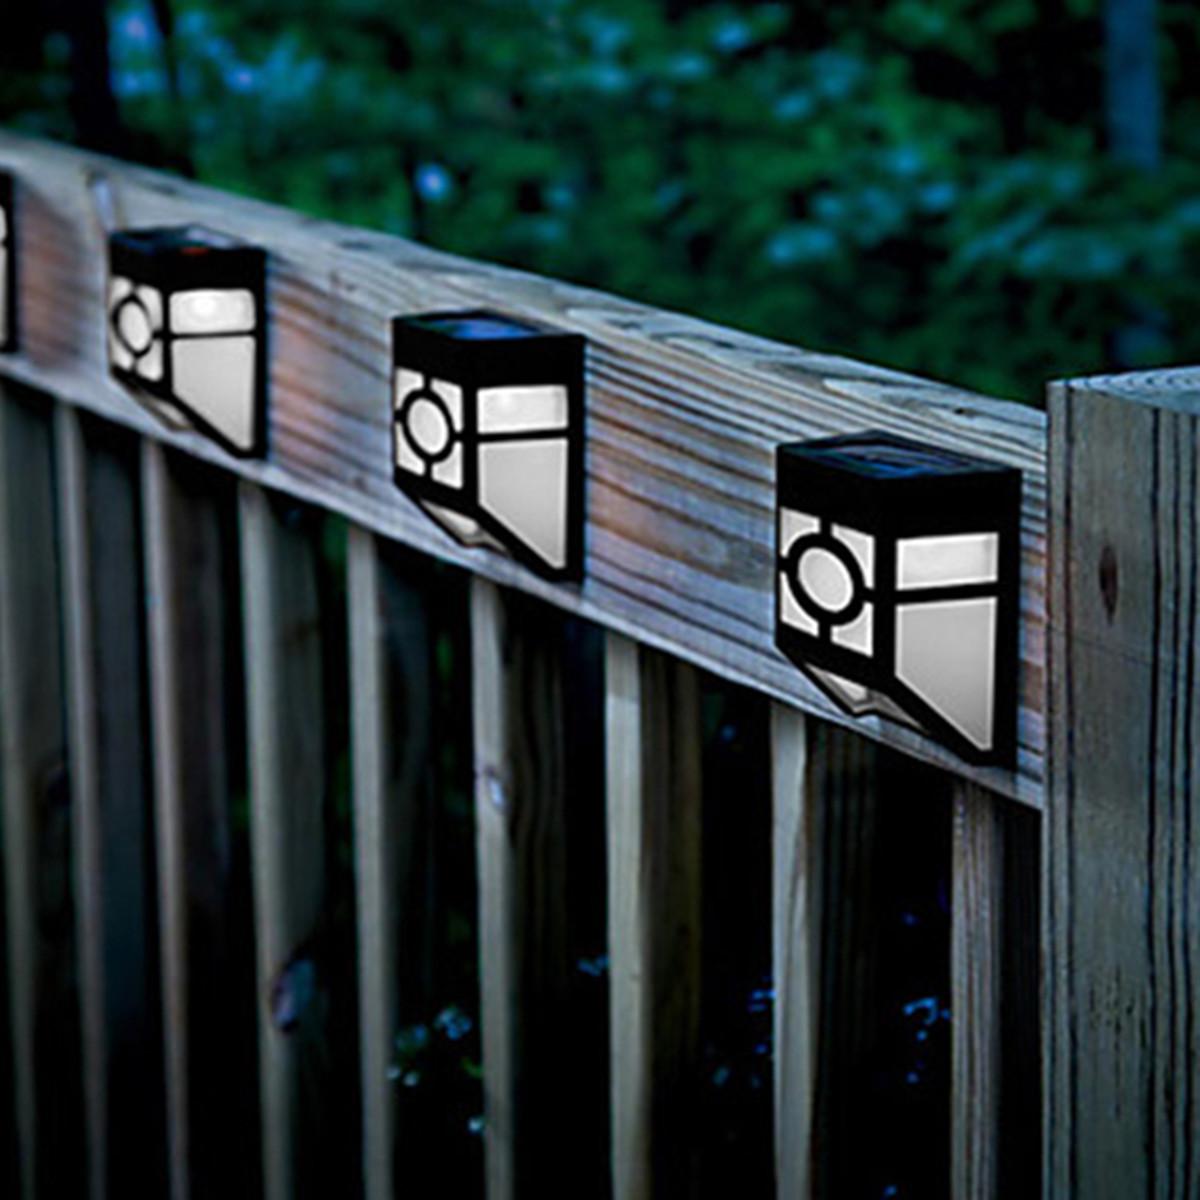 2 LED Solaire Lampe Murale Eclairage Lumière Pour Maison Jardin Cour Extérieur